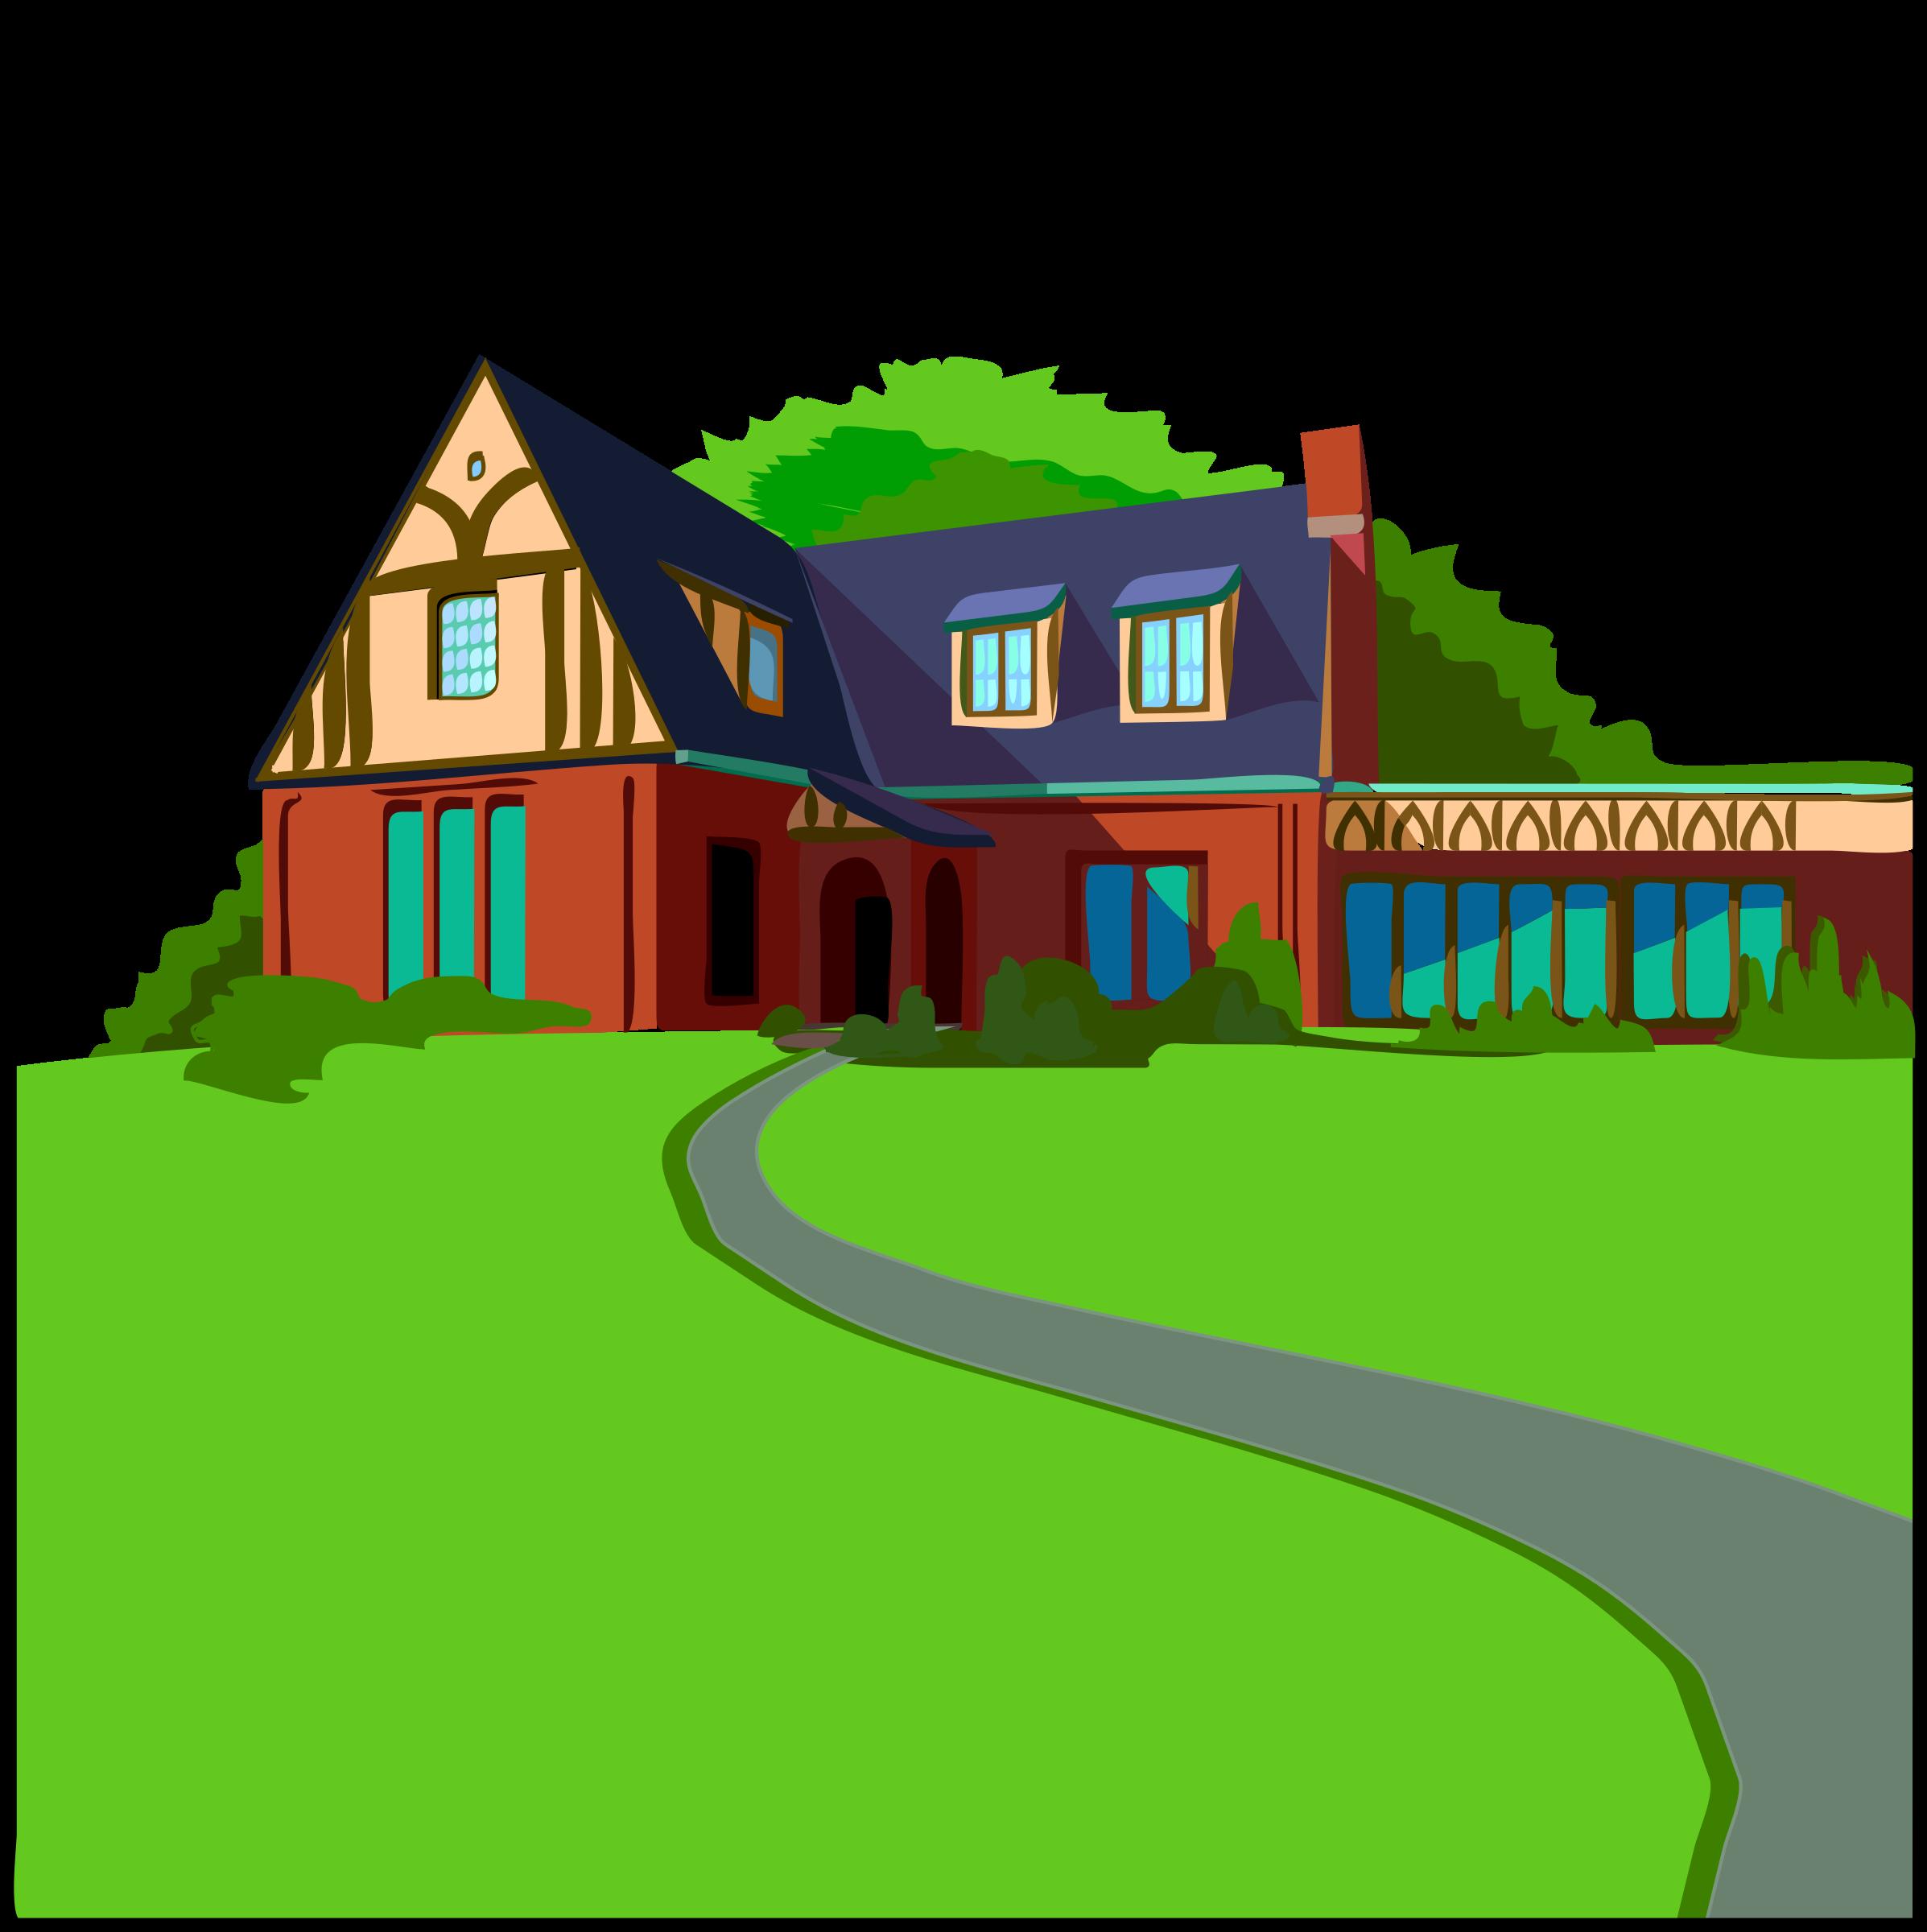 Architetto casa in campagna. Puzzle clipart home